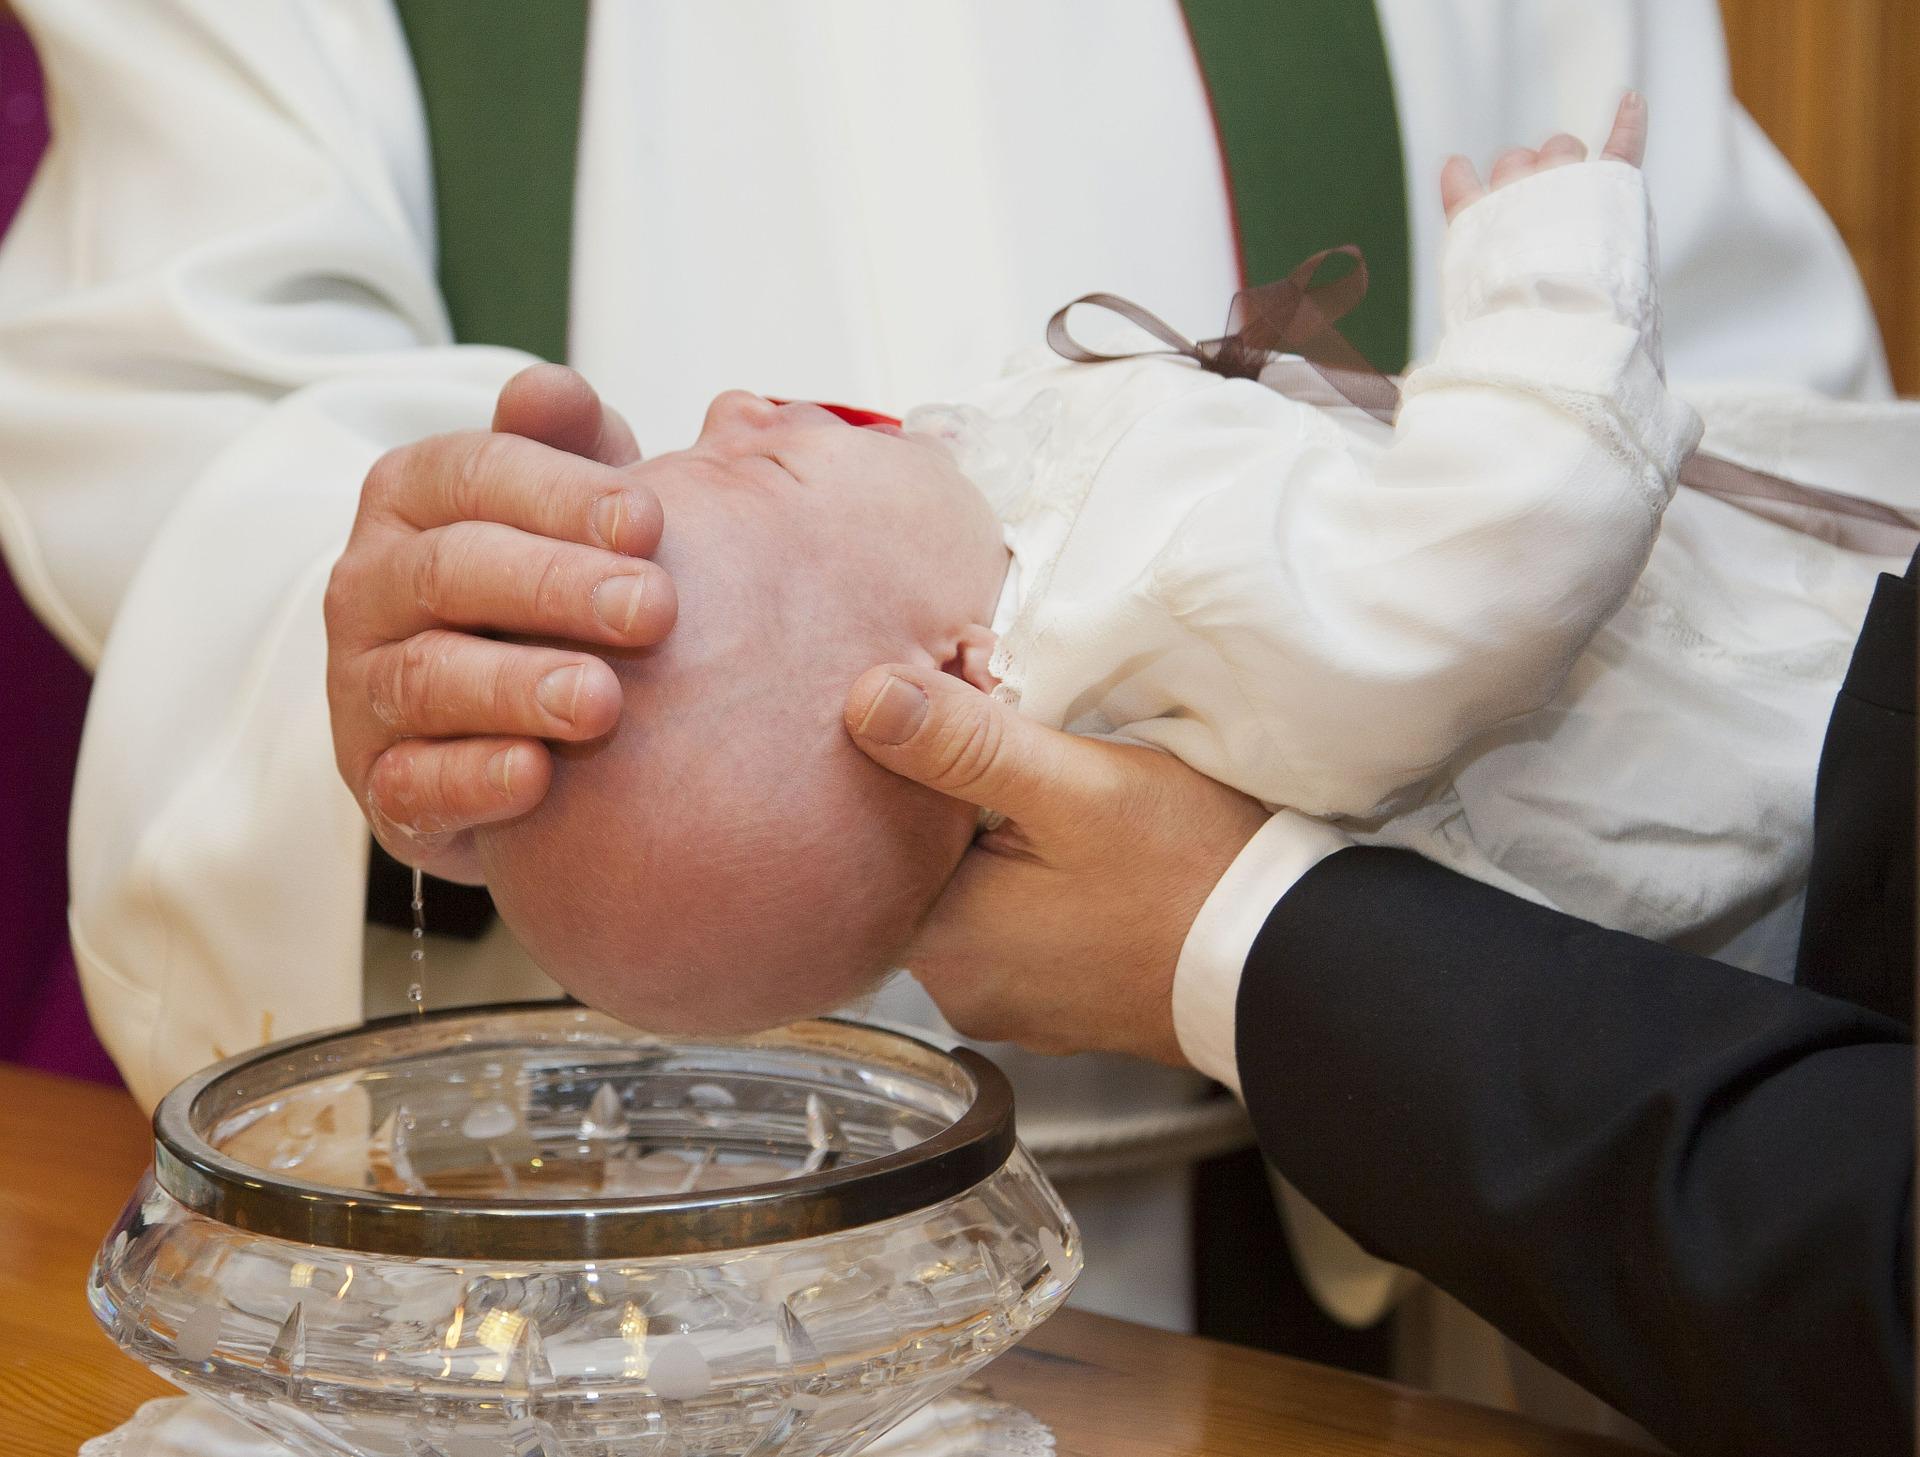 En bäbis som döps över en dopfunt av glas